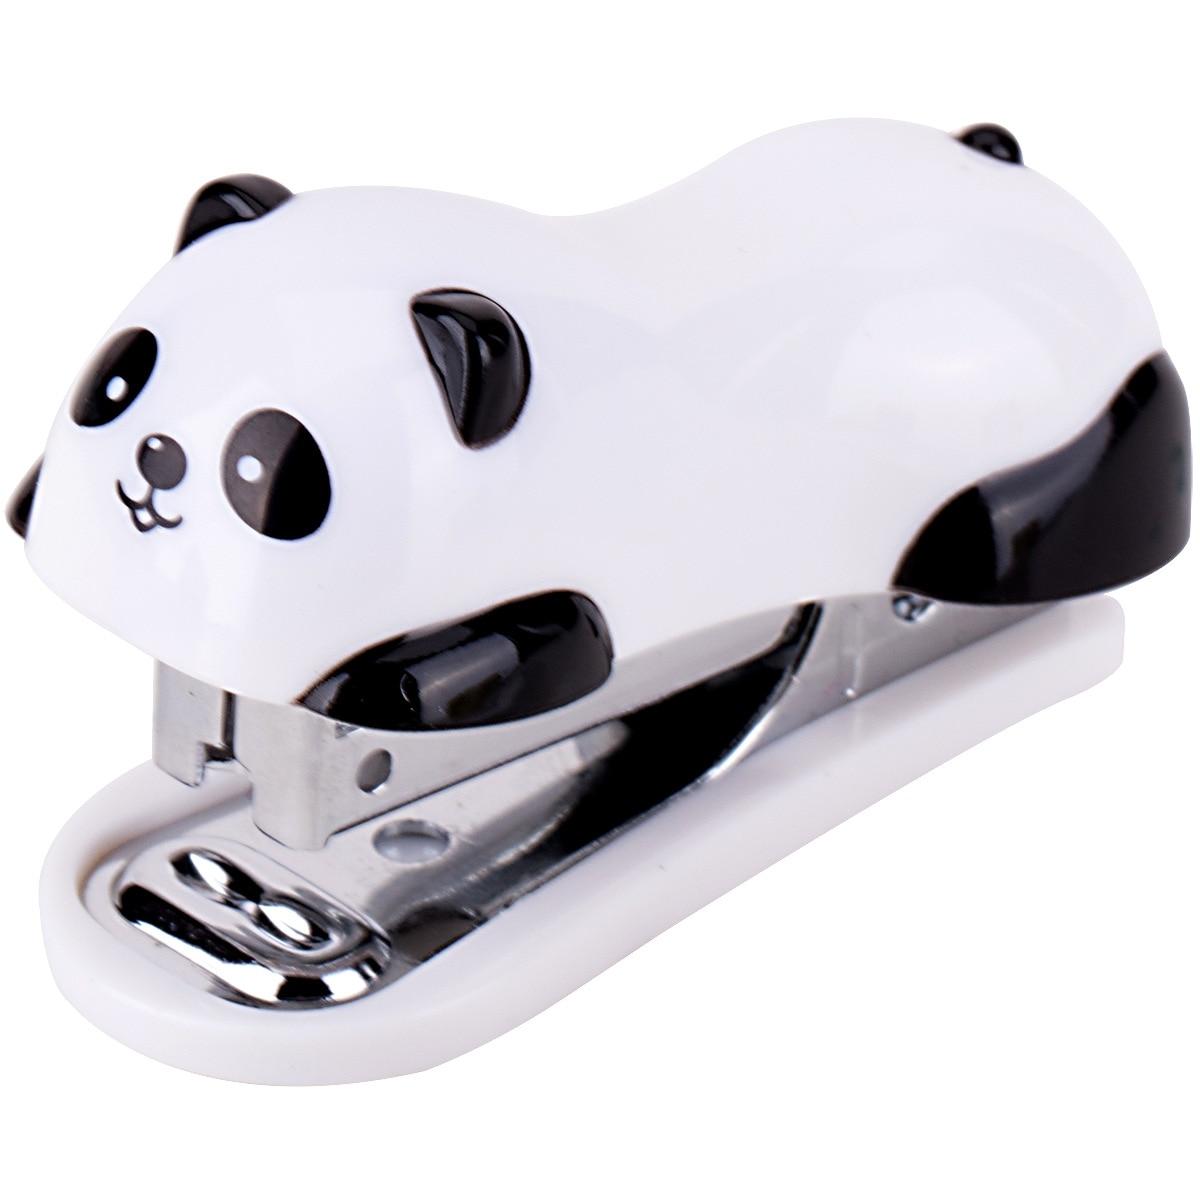 Engrapadora de bolsillo Deli 0453 Mini grapadora de dibujos animados con grapas para estudiantes material escolar panda encantador